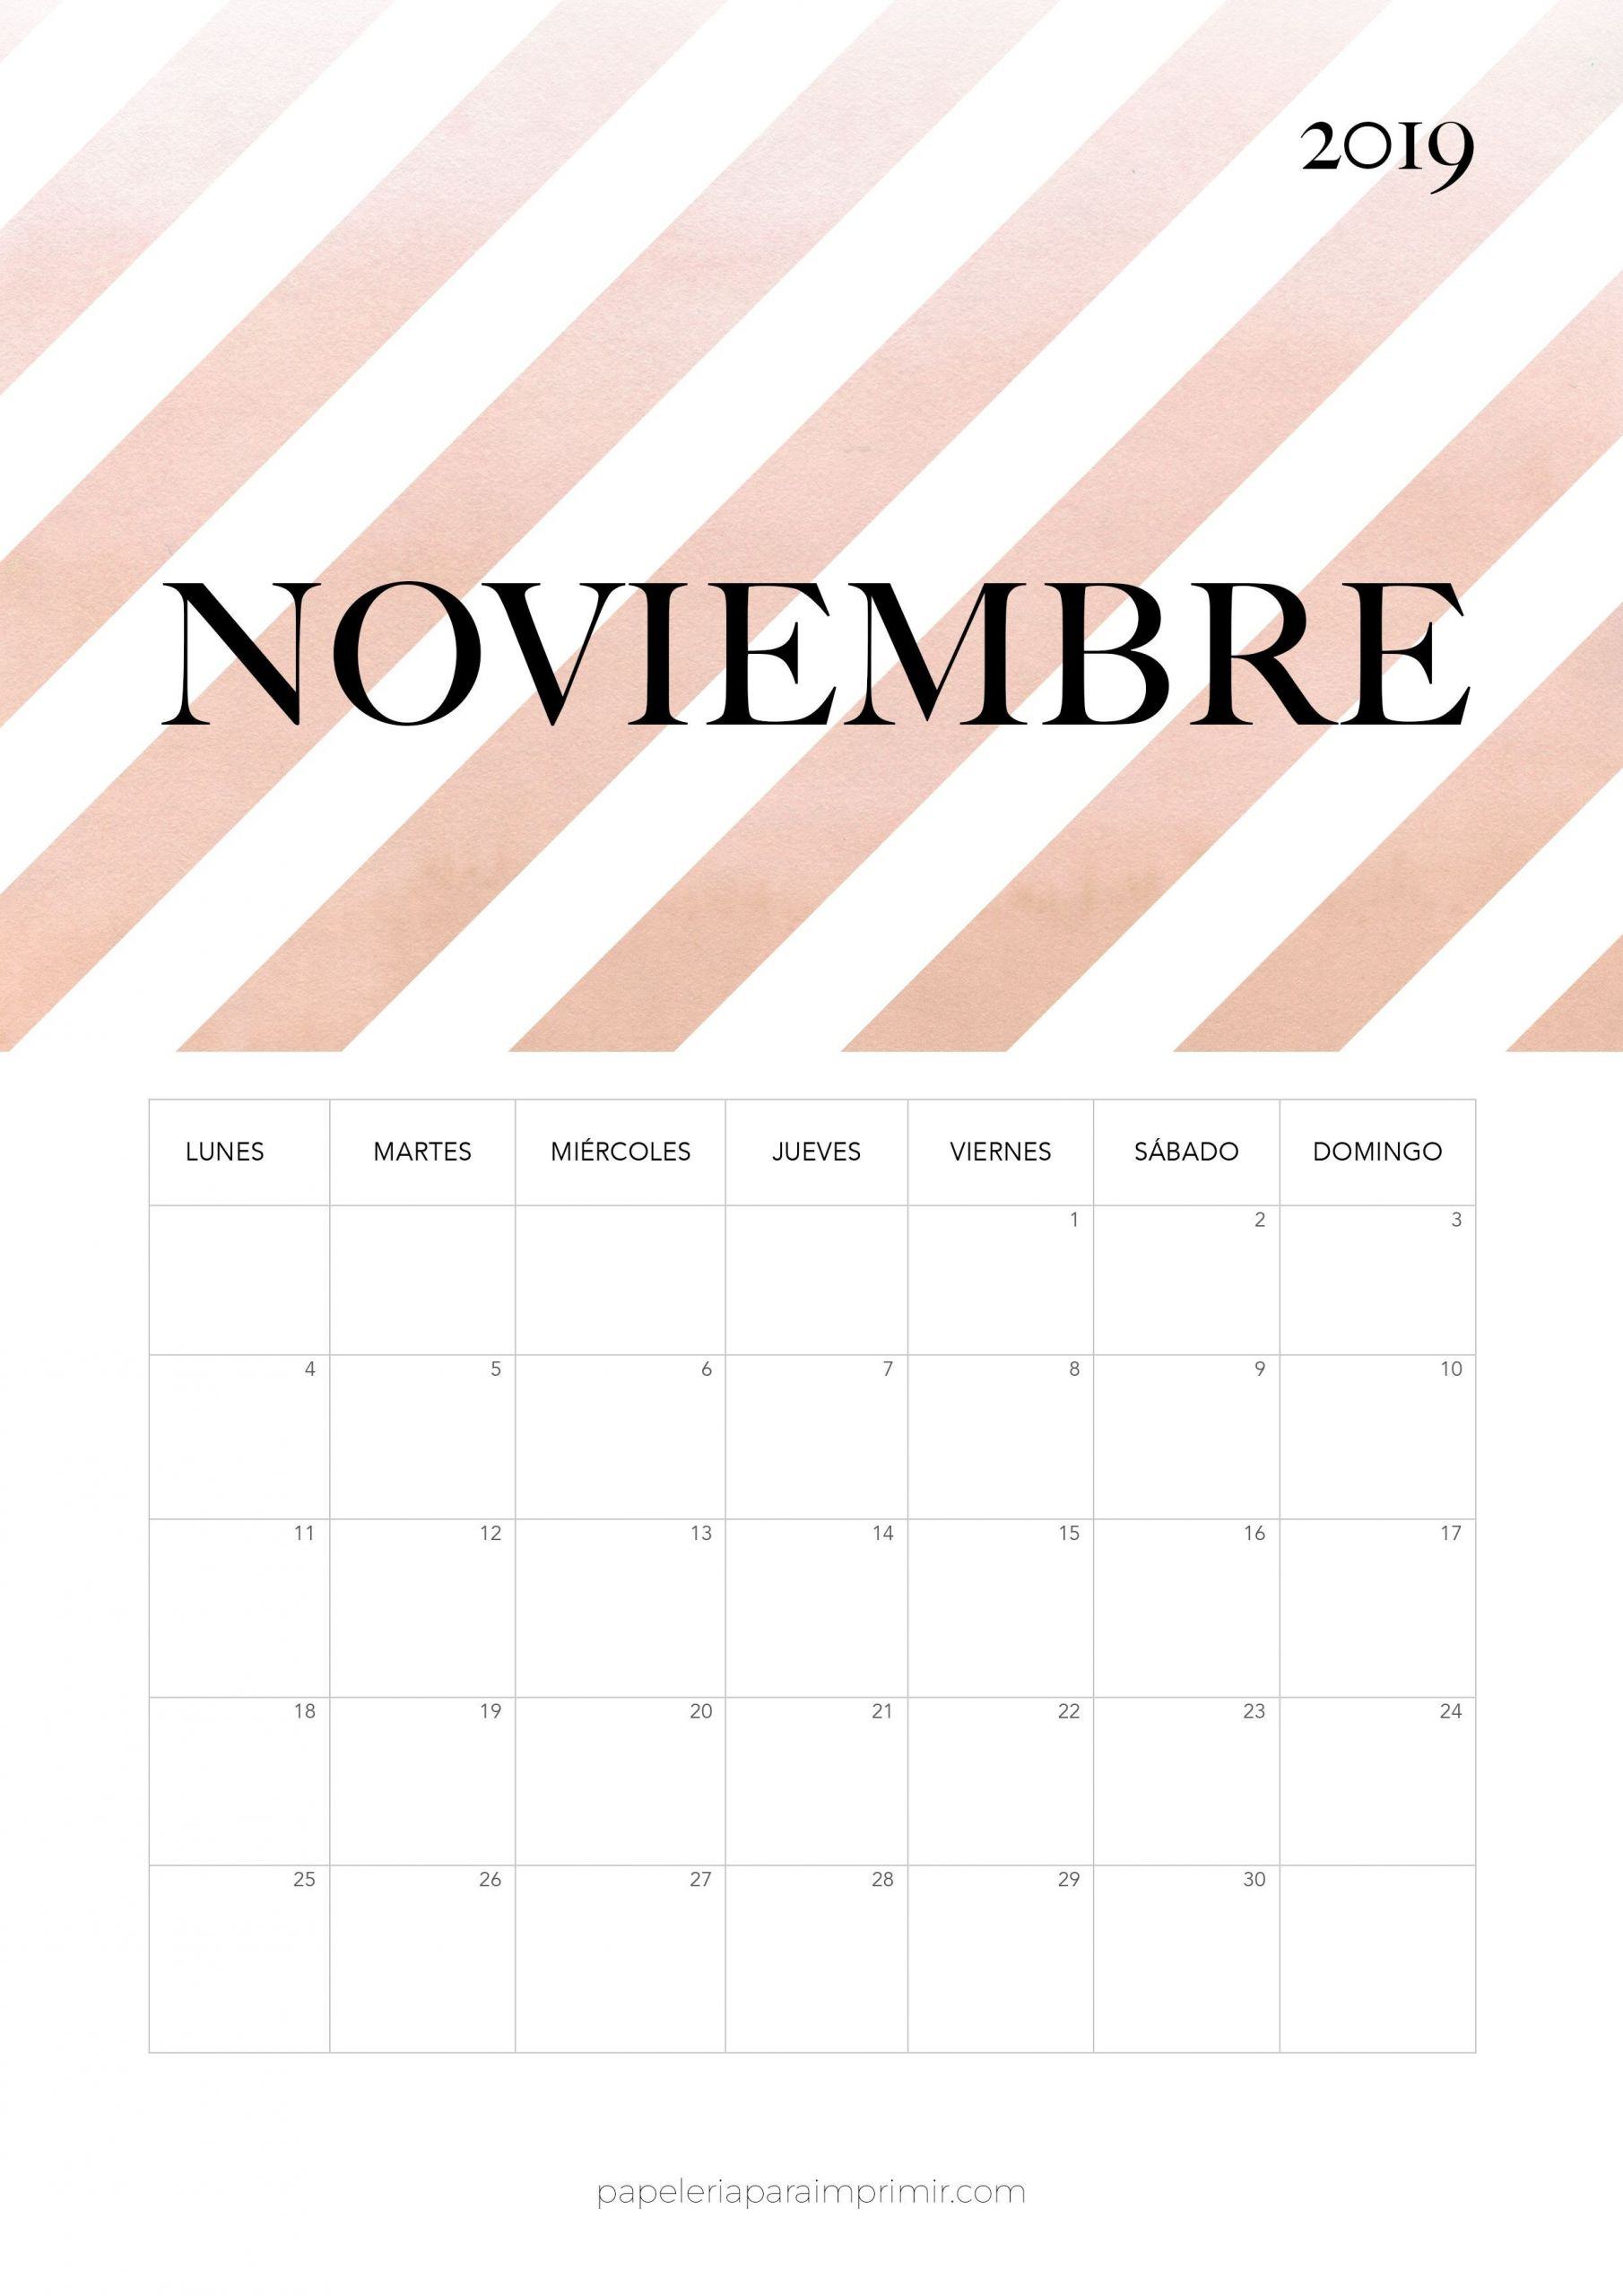 calendario 2017 para imprimir por mes diciembre mas recientemente liberado pin de aeuniceva en imprimibles portadas de agendas of calendario 2017 para imprimir por mes diciembre